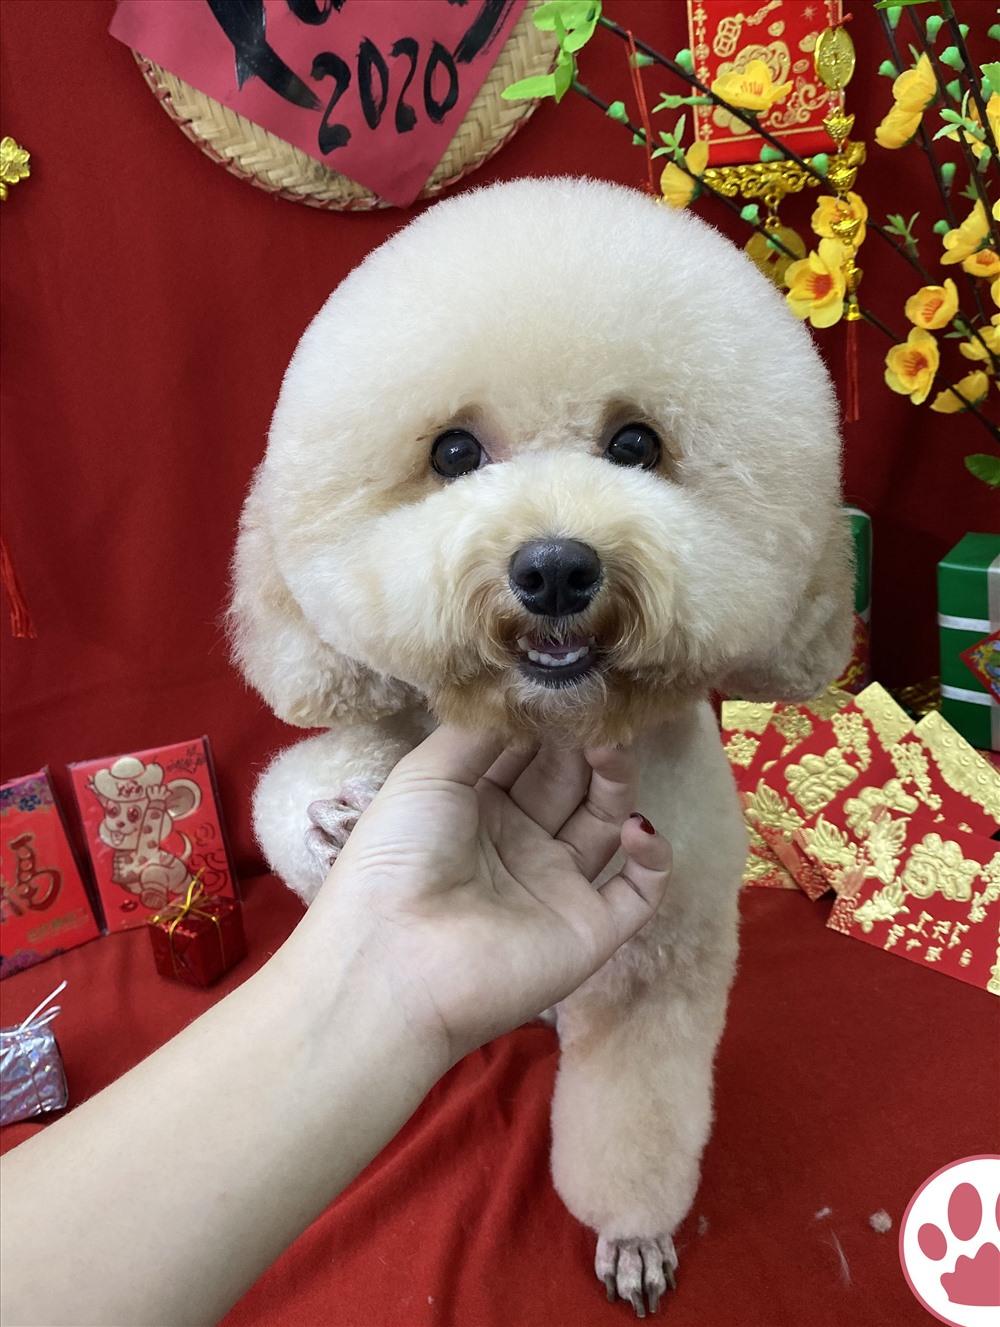 Dịch vụ chăm sóc thú cưng tại nhà, dịch vụ chăm sóc thú cưng là gì, dịch vụ chăm sóc thú cưng ngày Tết